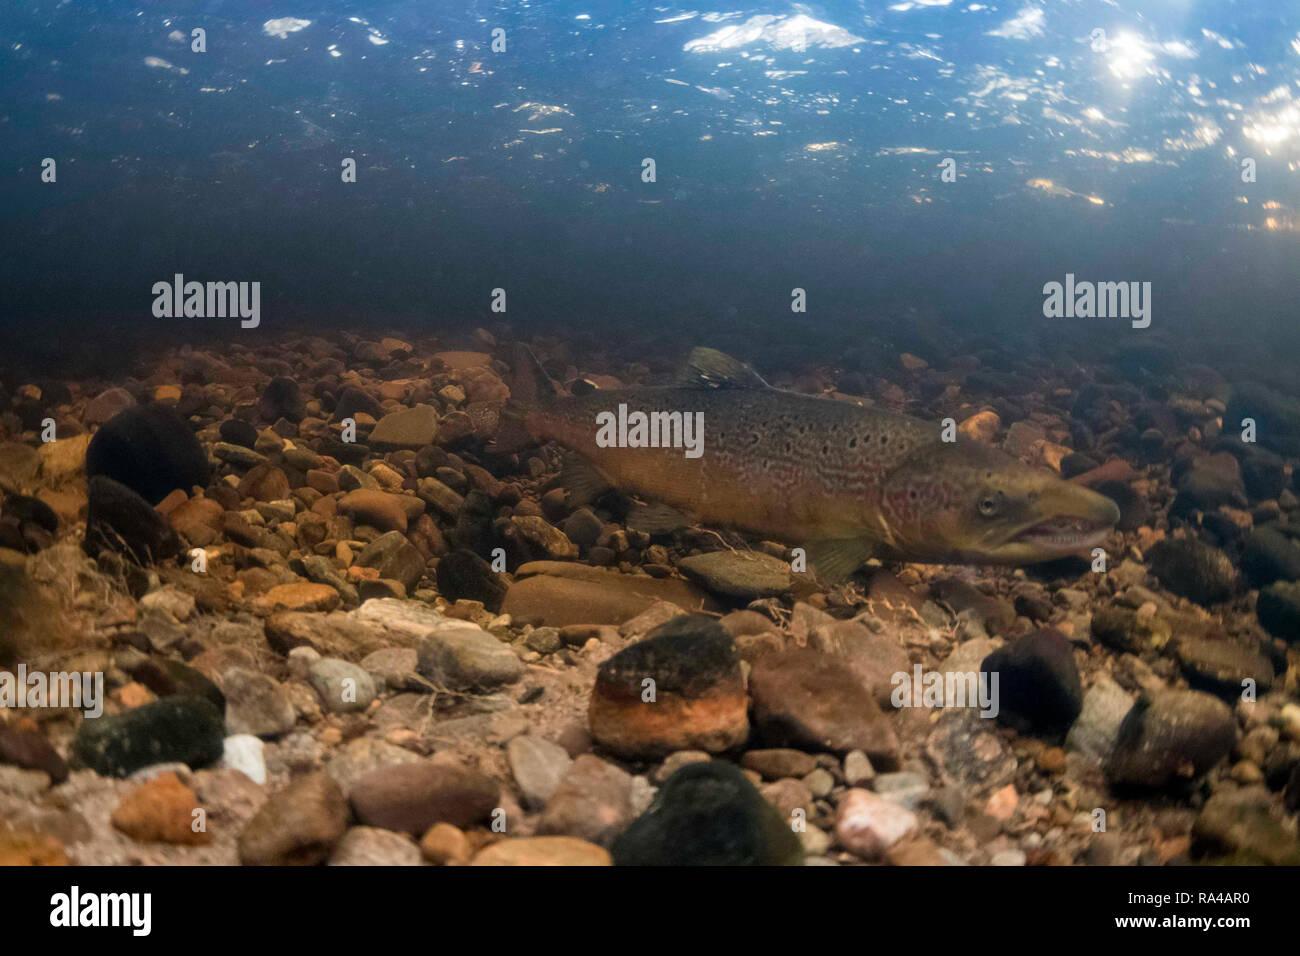 Atlantic salmon, salmo salar, adukt male on redd (nest) during breeding season, novermber, river livet, cairngorms, - Stock Image